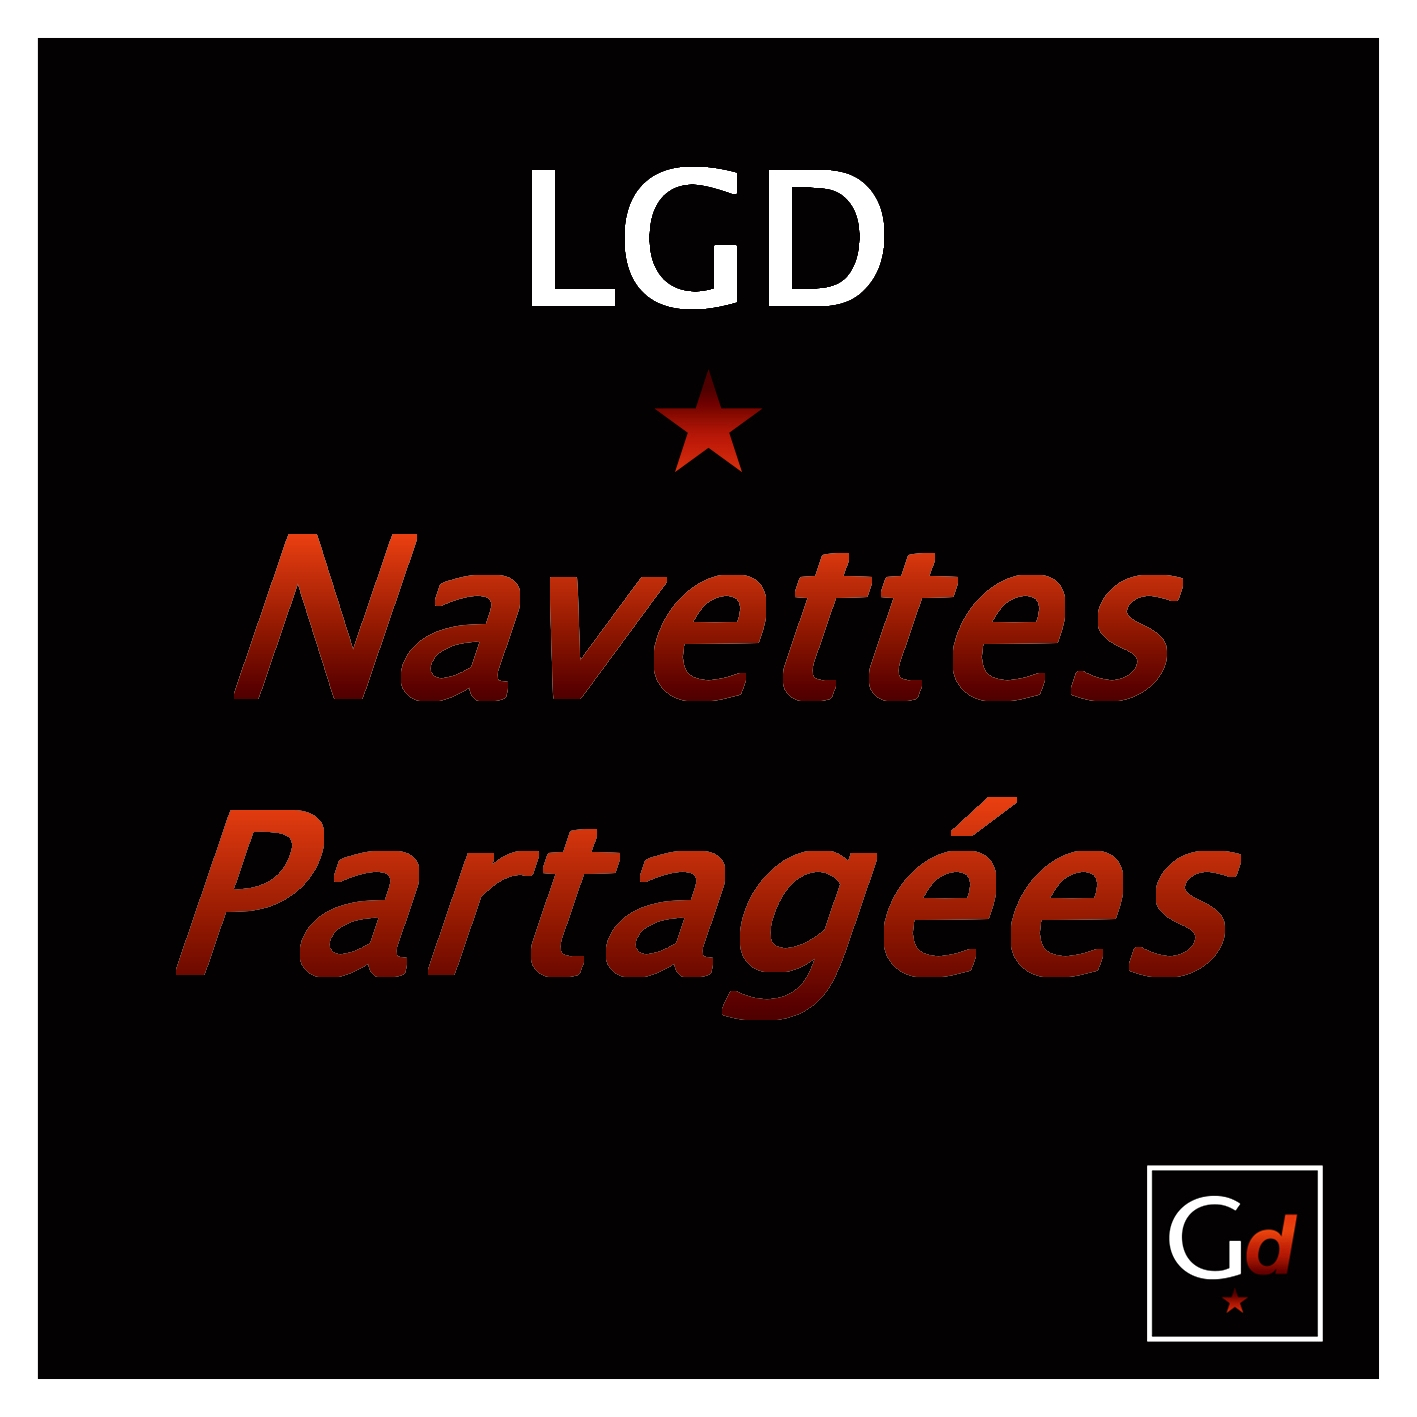 LGD Navettes partagées